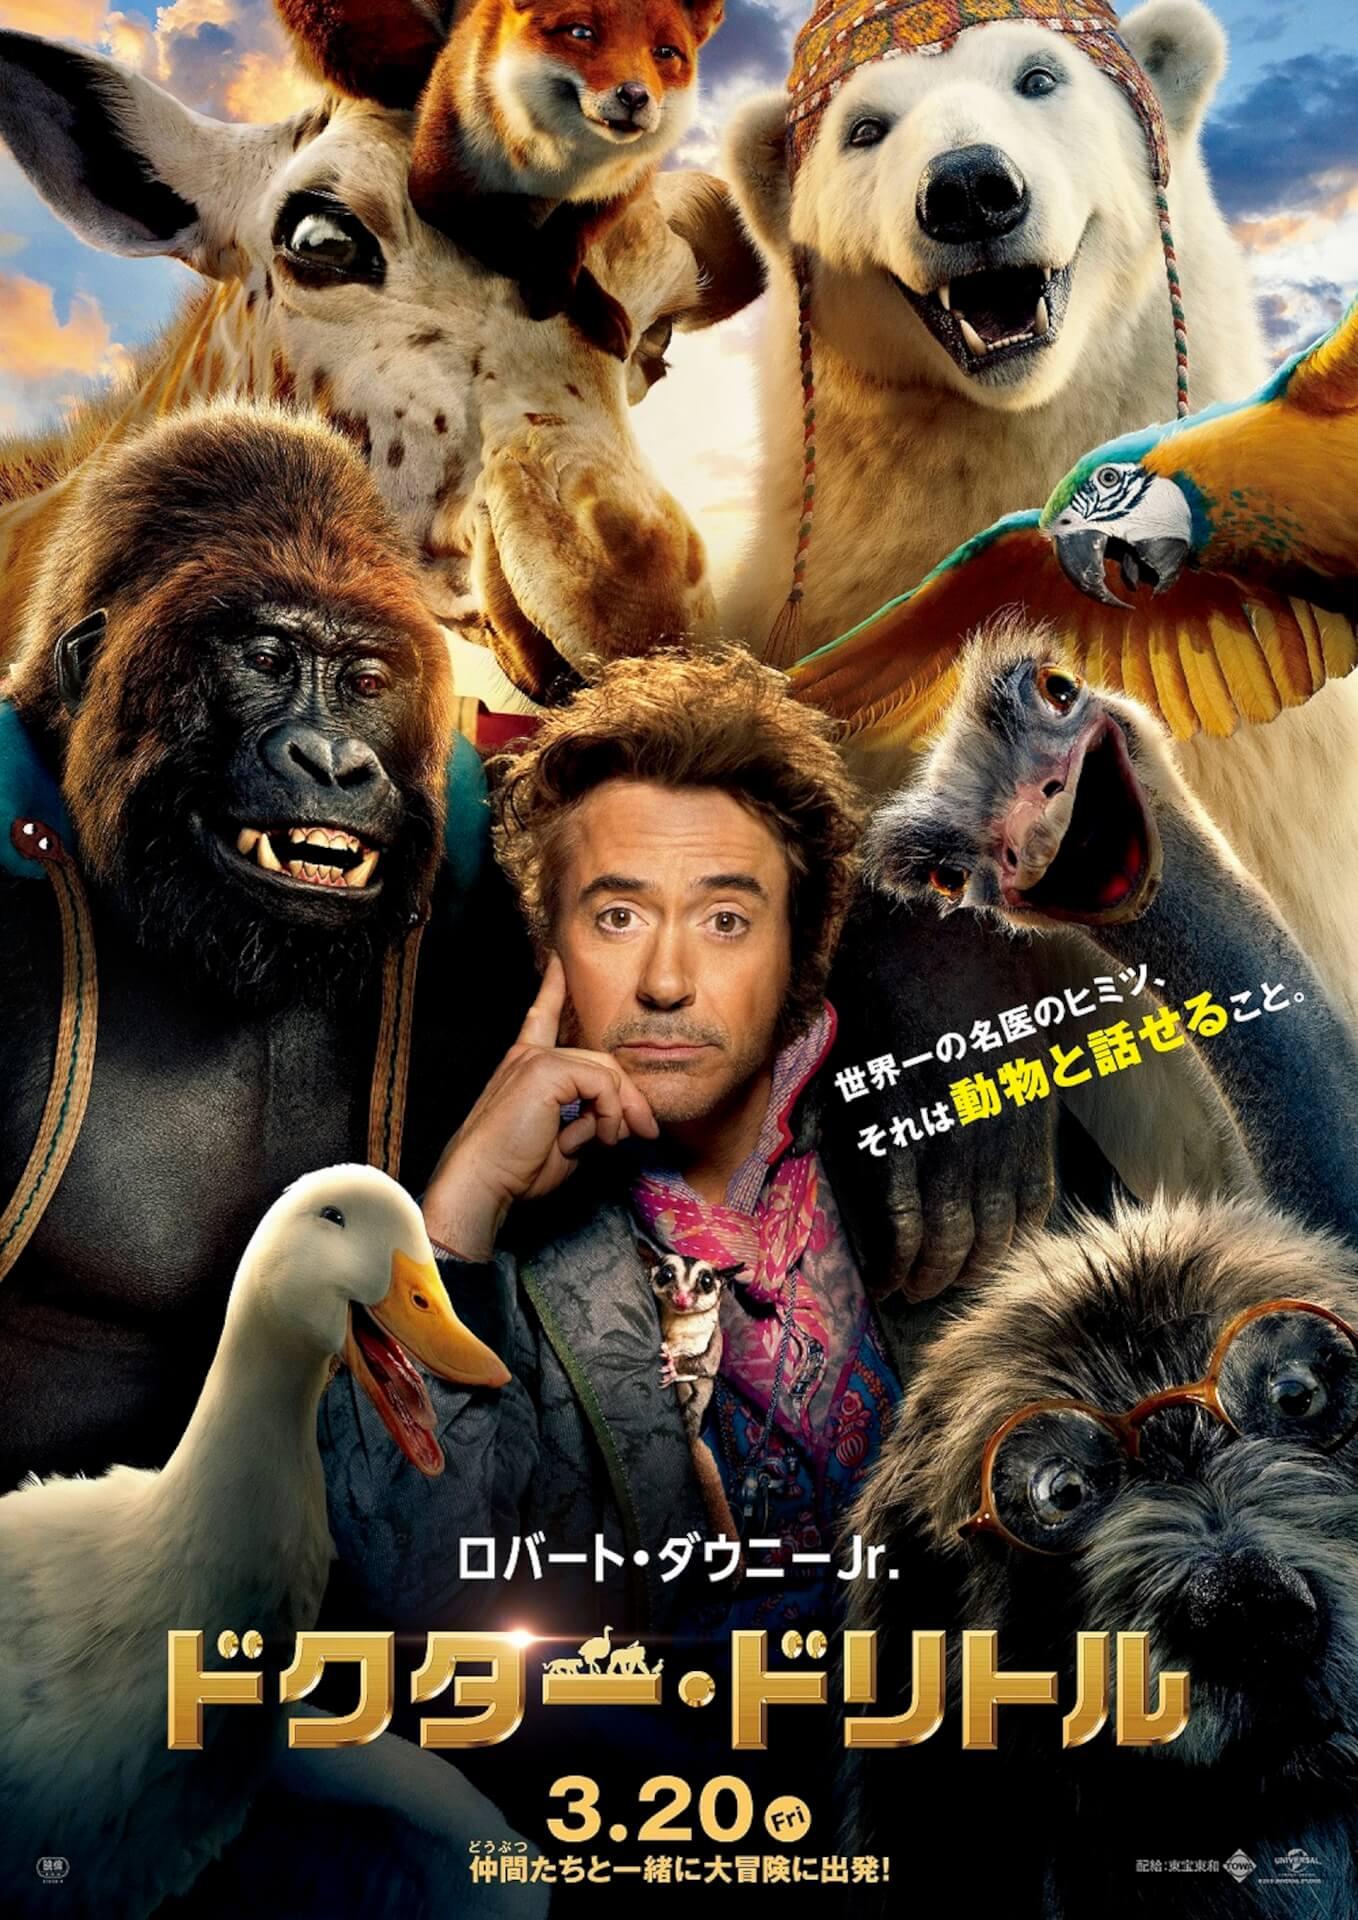 ロバート・ダウニー Jr.がトムホ、ラミ・マレック、セレーナ・ゴメス演じる動物と話せるように!『ドクター・ドリトル』2020年日本公開決定 film191121_drdolittle_main